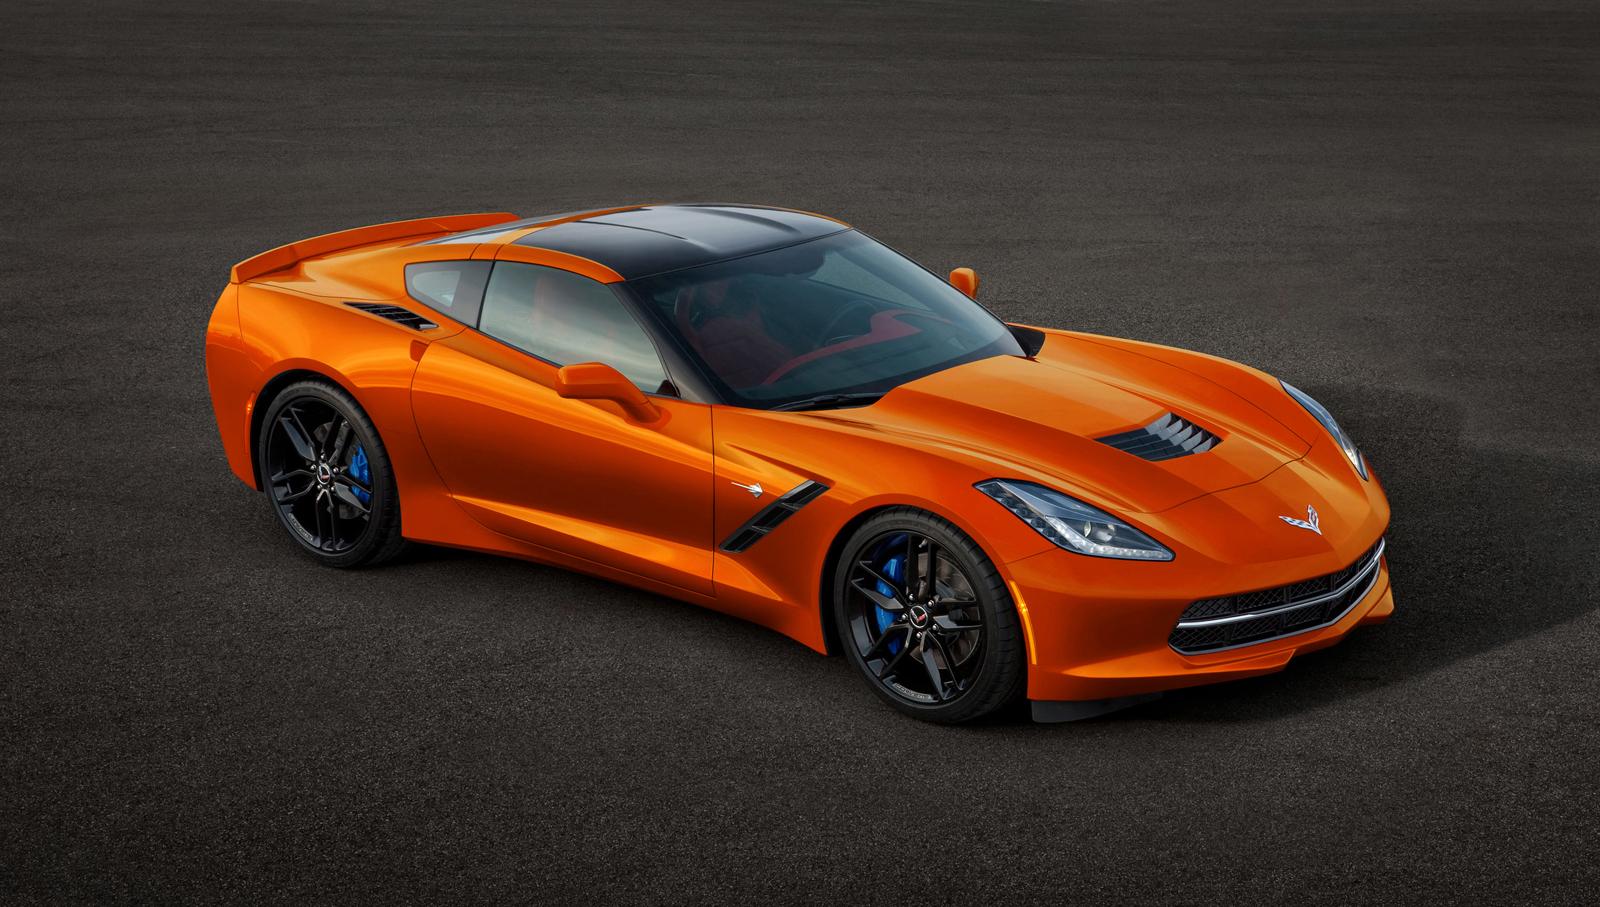 2014 Chevrolet Corvette Stingray in all ColorsCorvette Stingray 2014 Orange